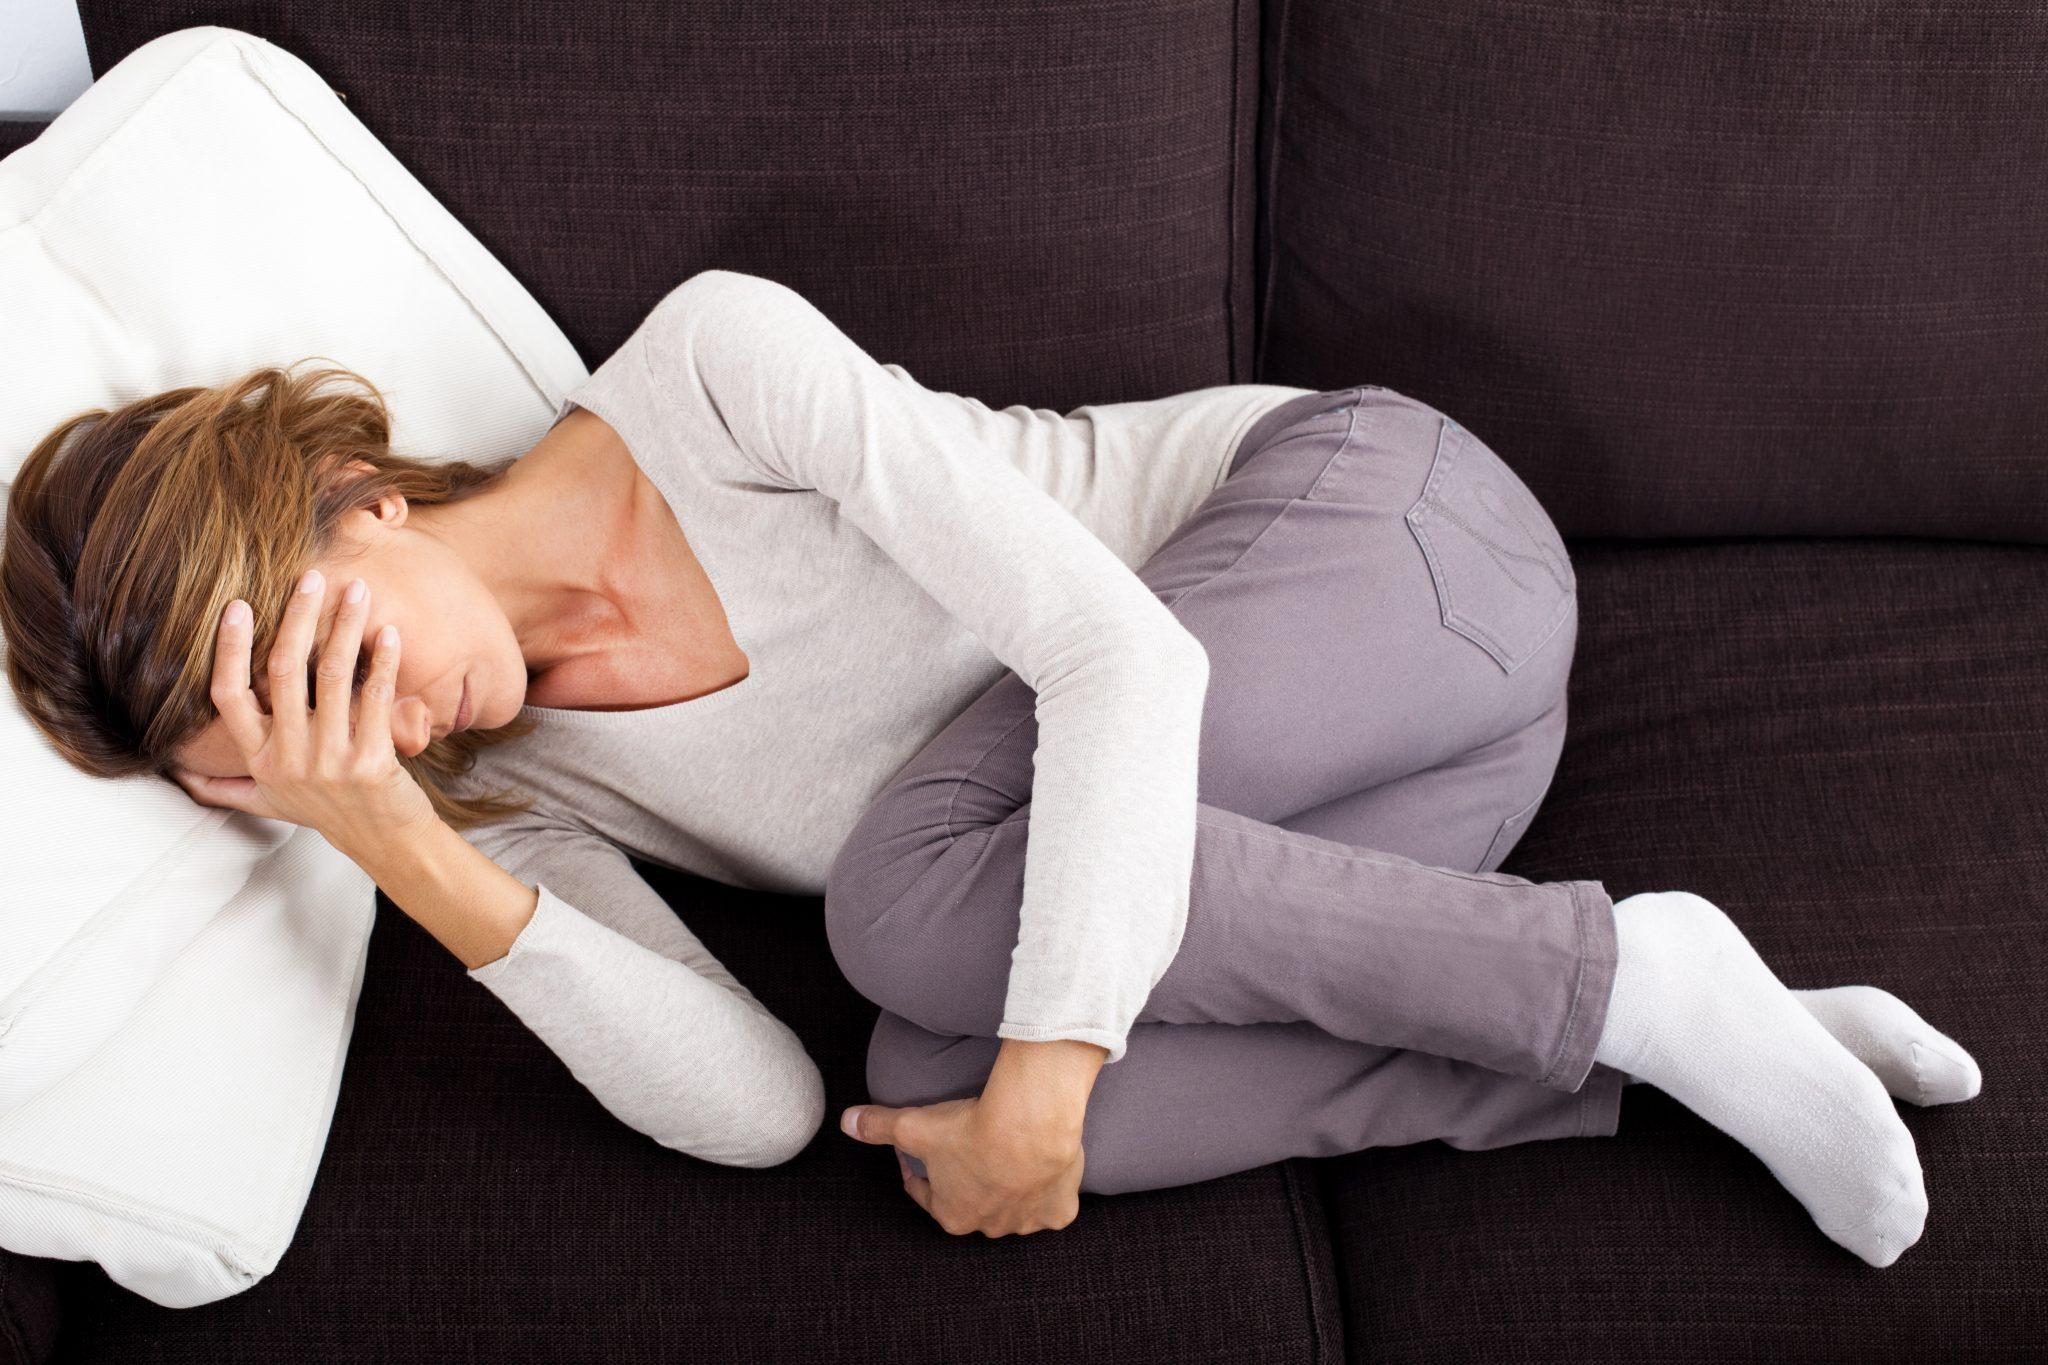 femme couchée qui souffre